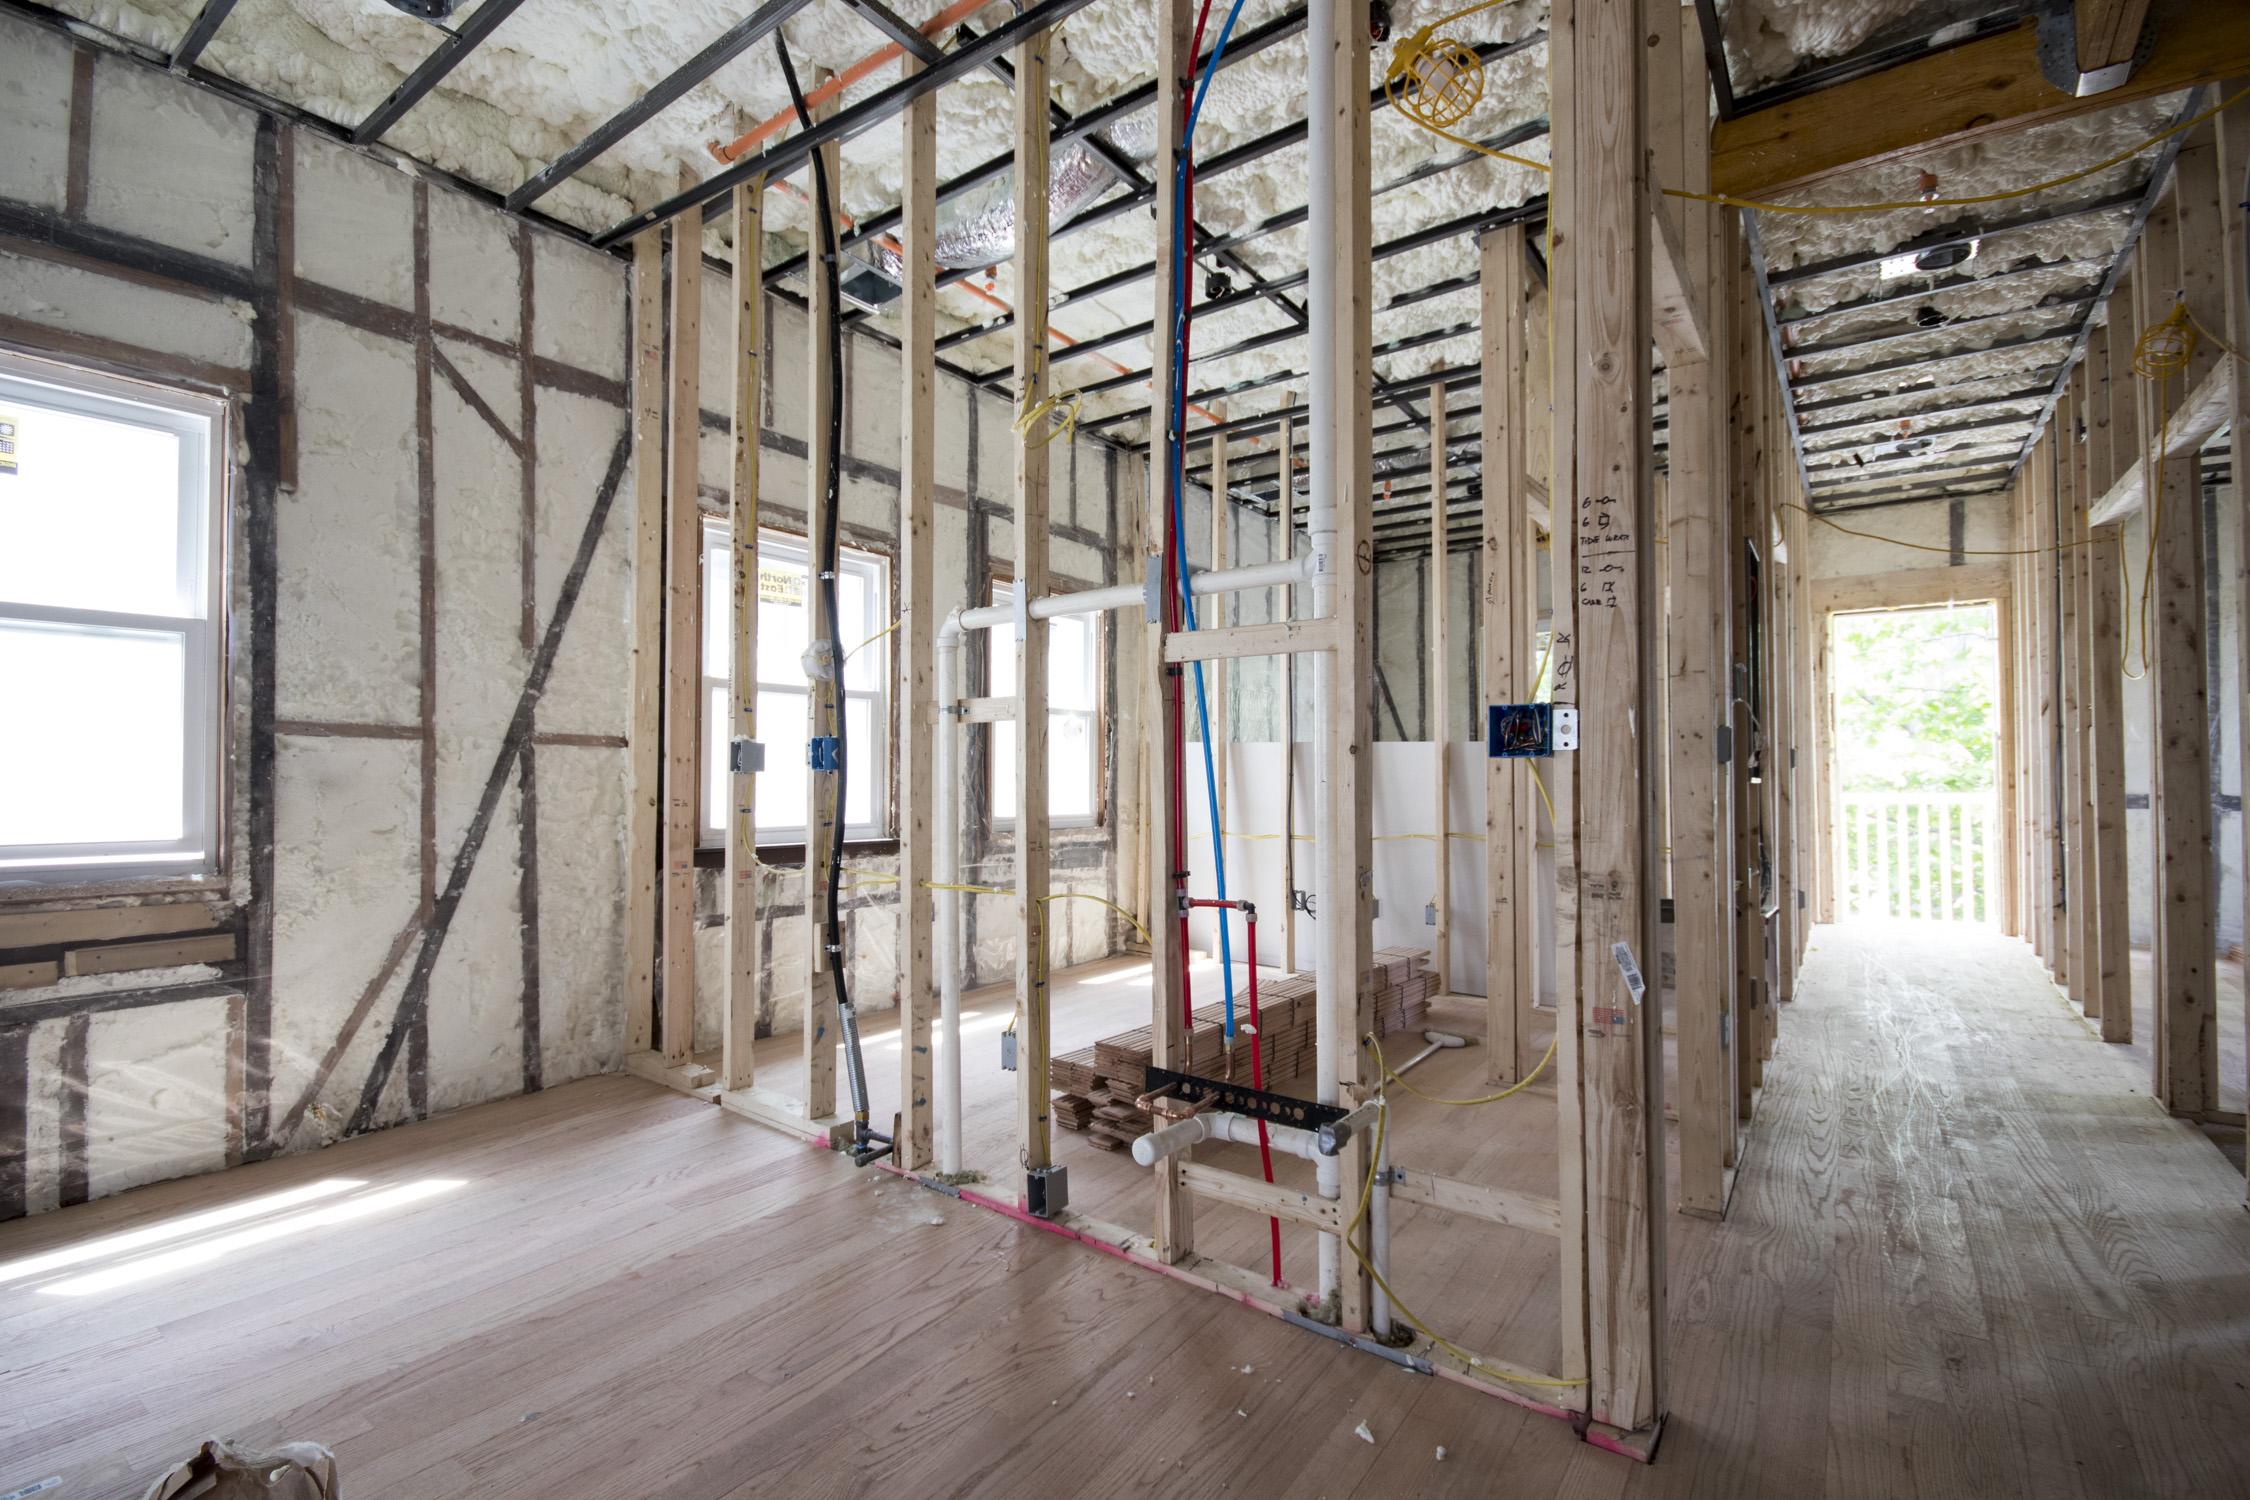 25 Darling Street Boston General Contractor P Northeast Contractors_133